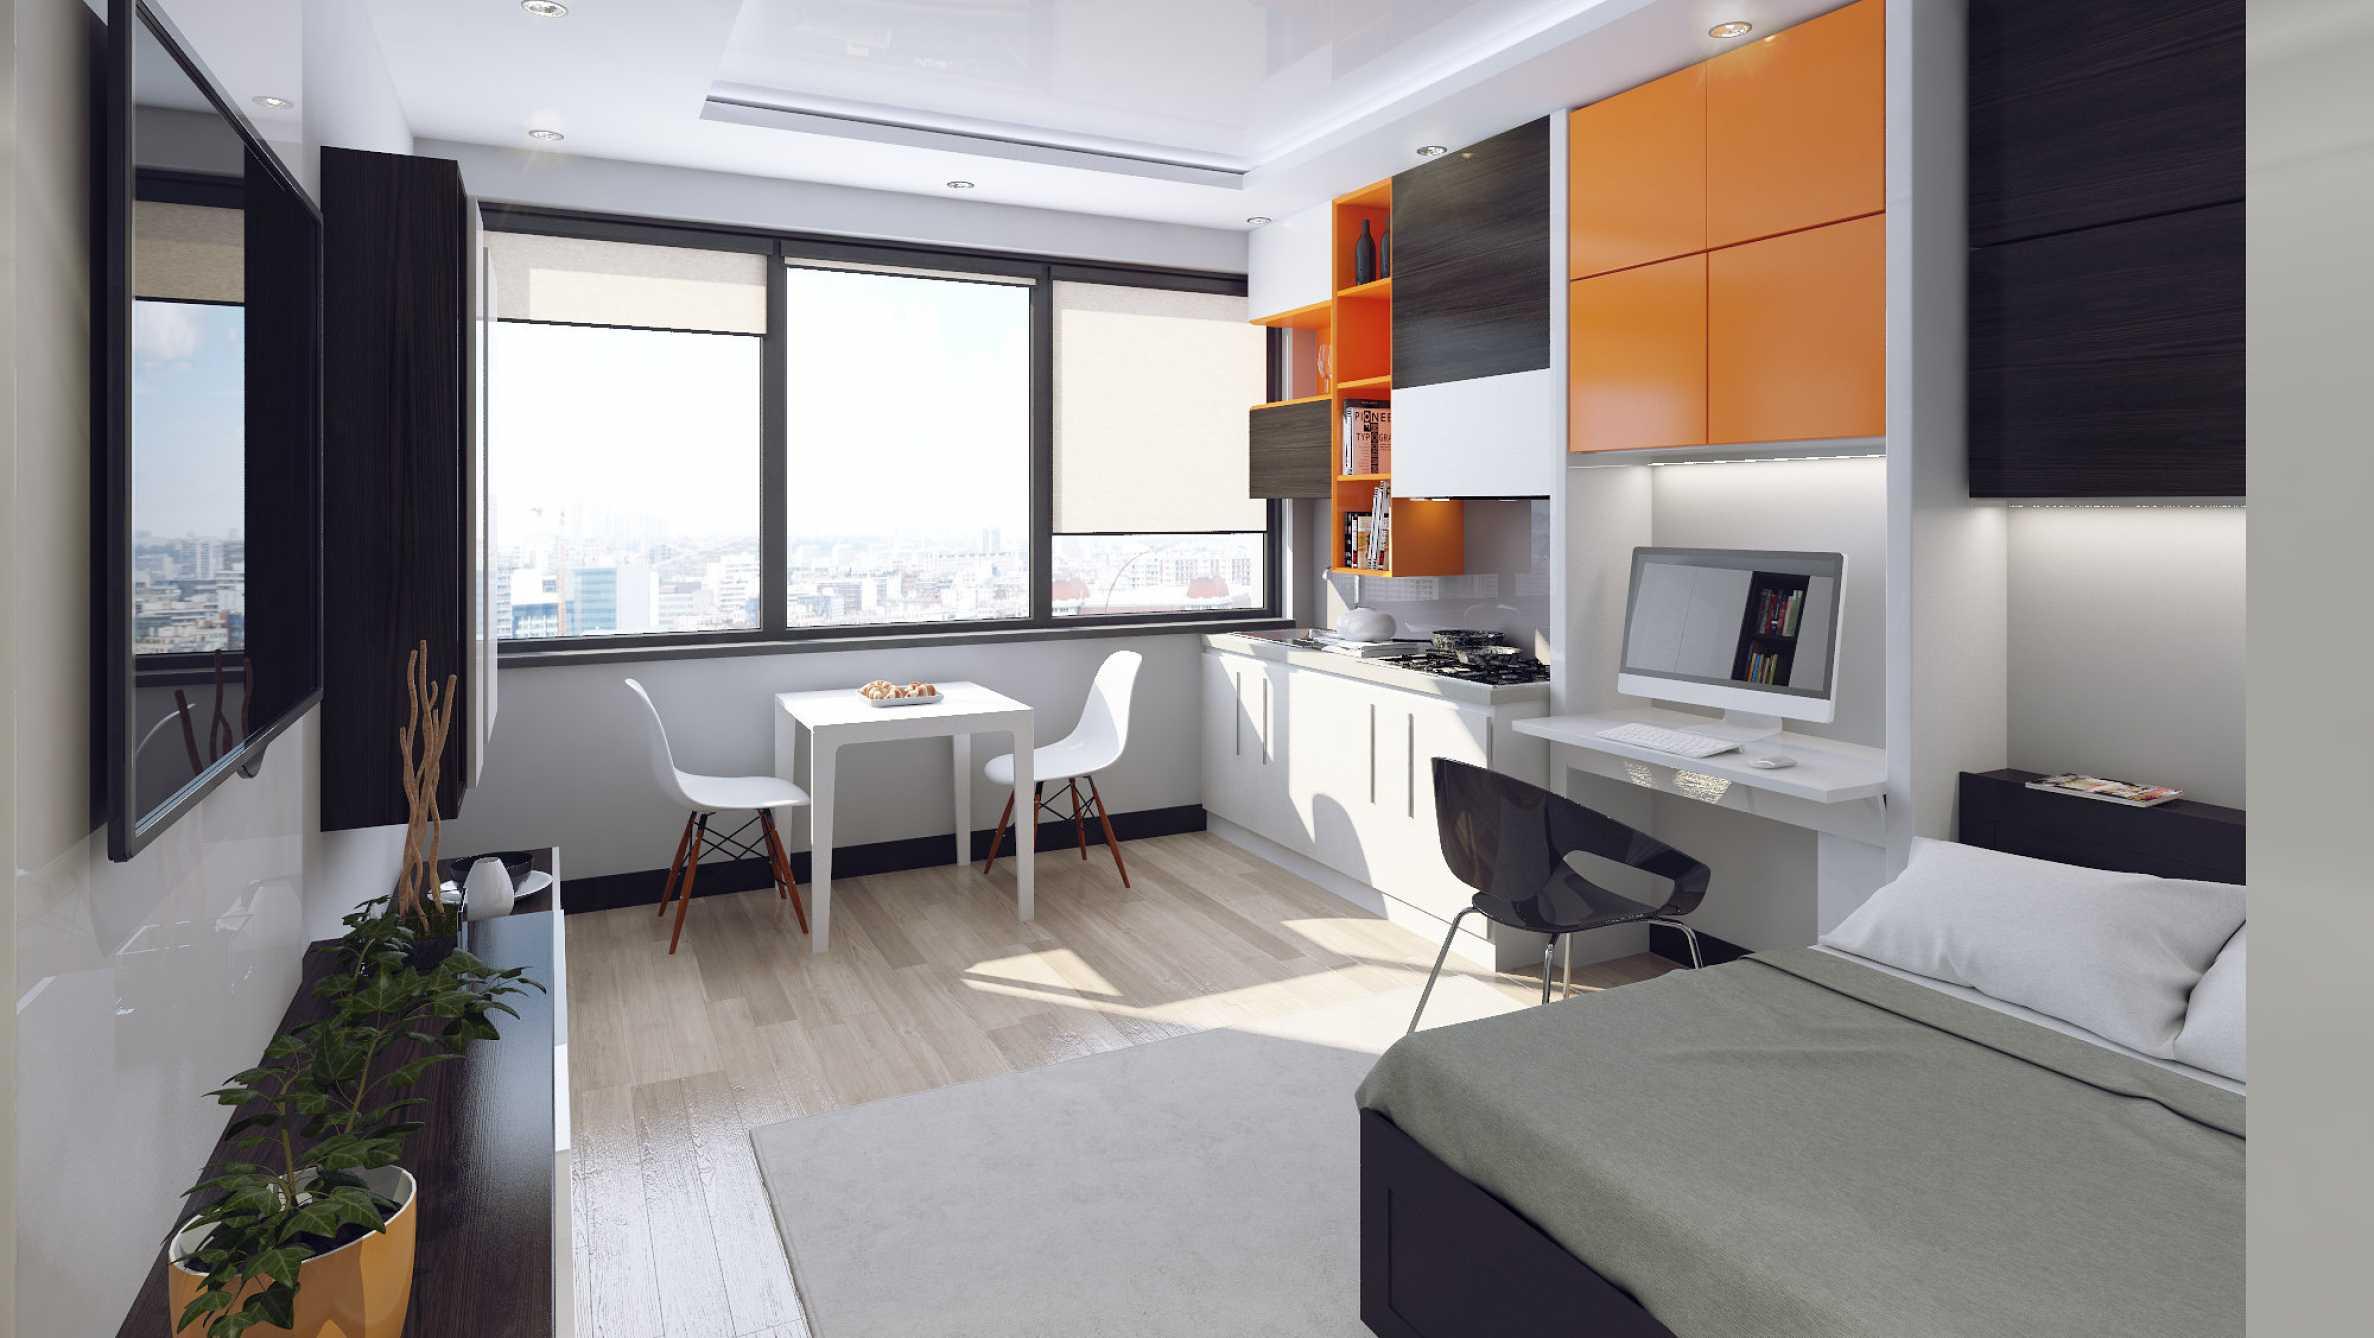 Напълно обзаведени стаи в ново студентско общежитие2 - Stonehard